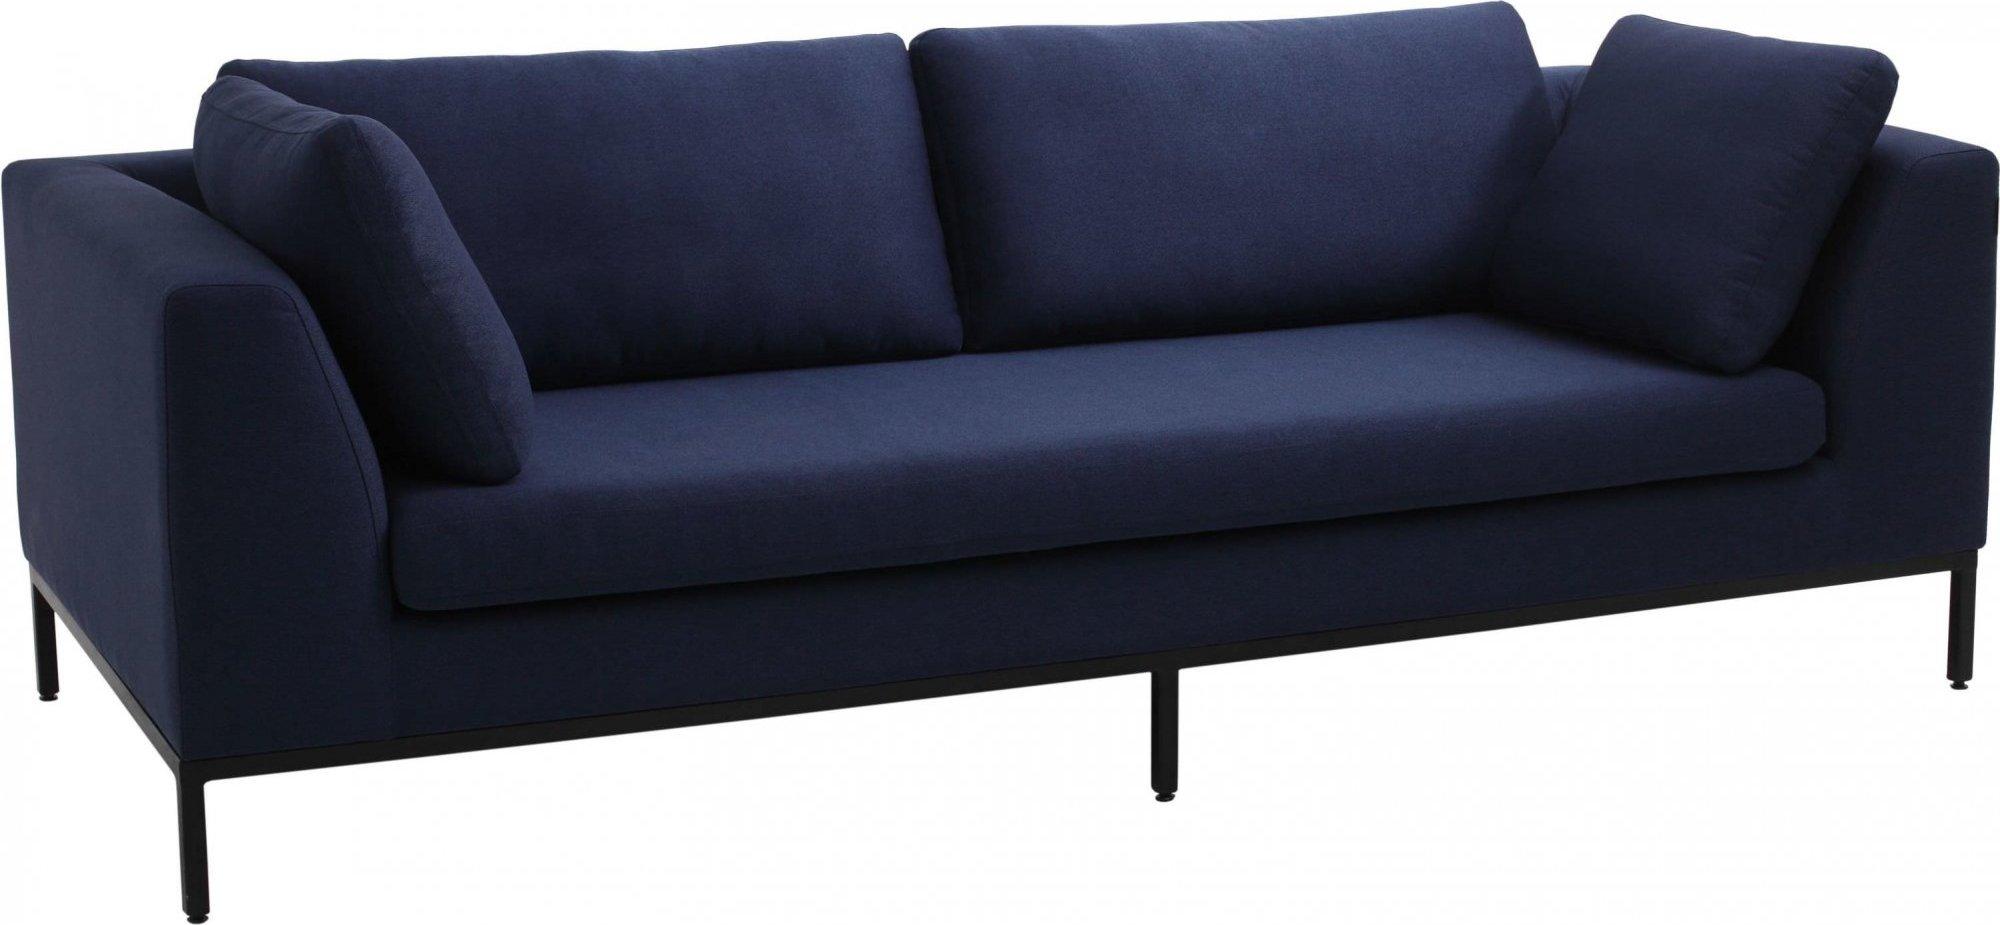 Canapé 3 places tissu bleu h42cm